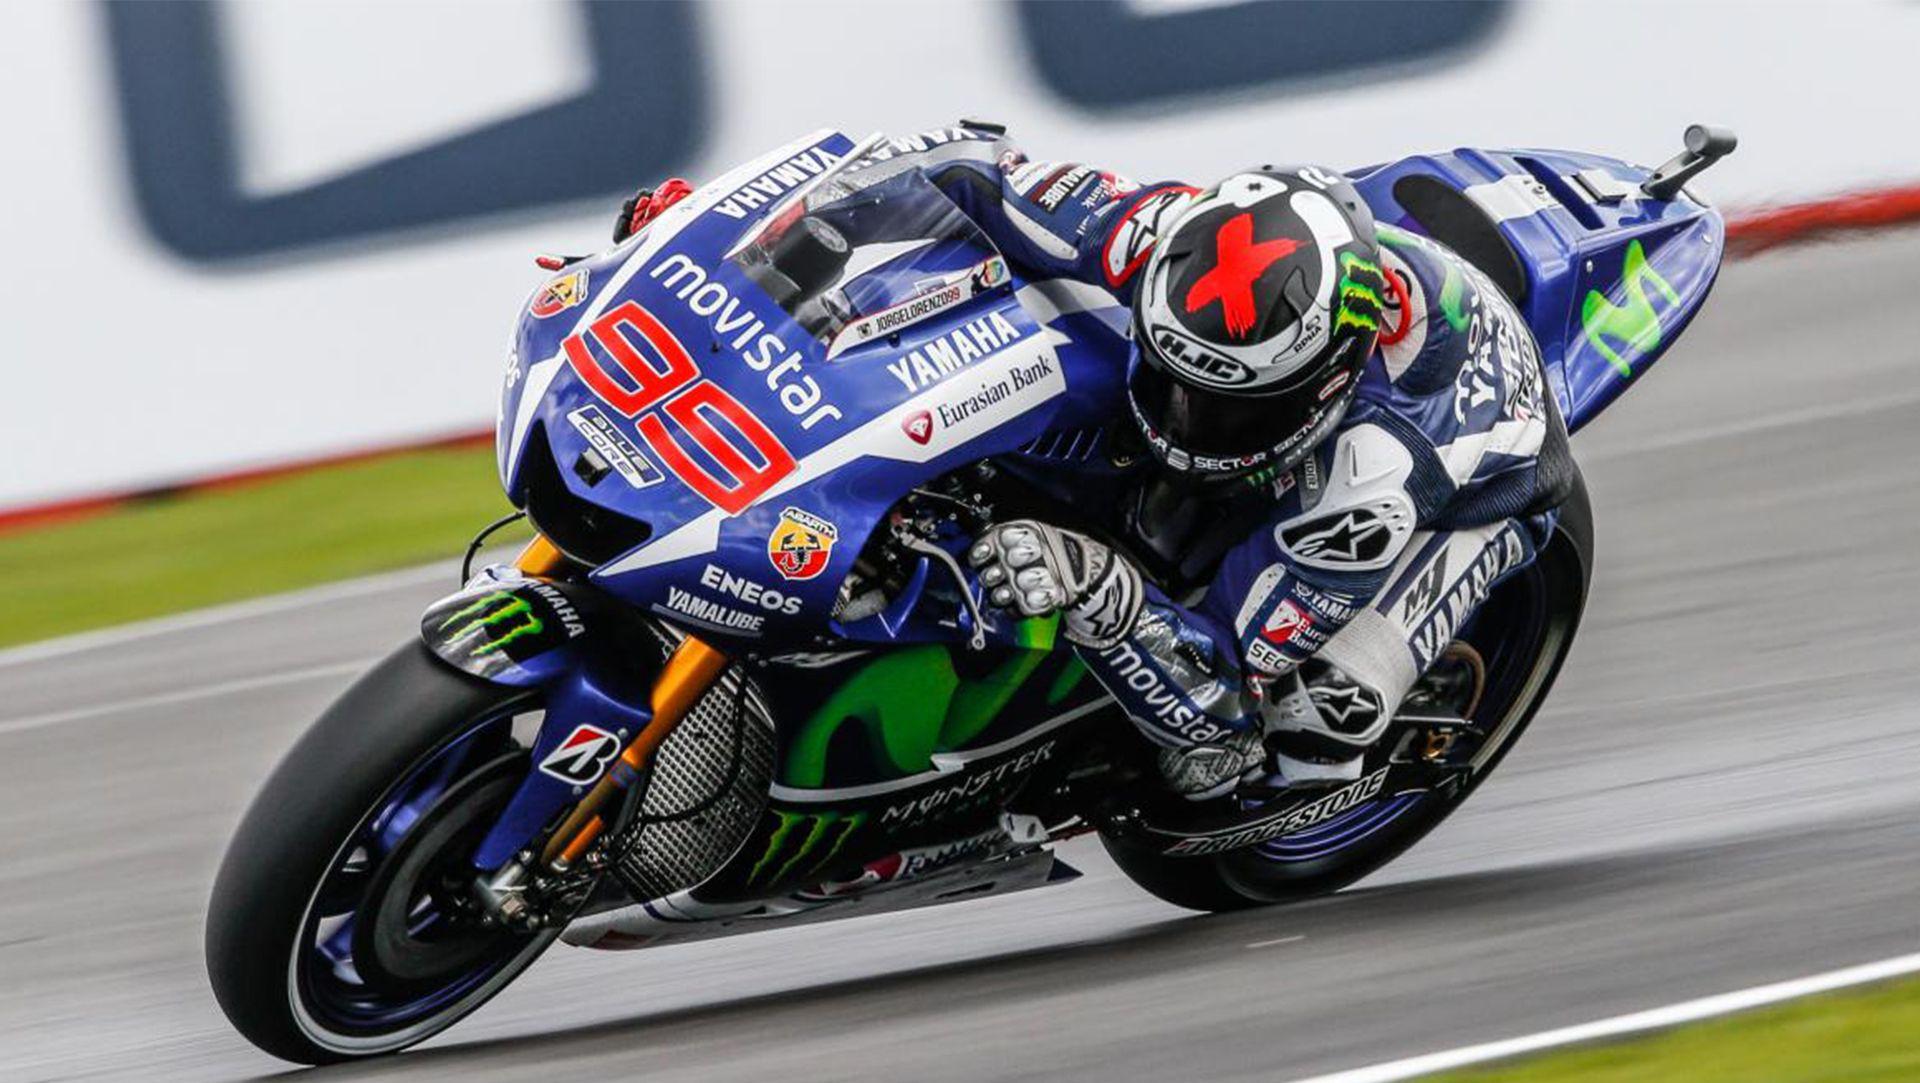 Jorge Lorenzo ready to fight at the Gran Premio TIM di San Marino e della Riviera di Rimini after a tough British GP.Rain at Silverstone ended Jorge L...